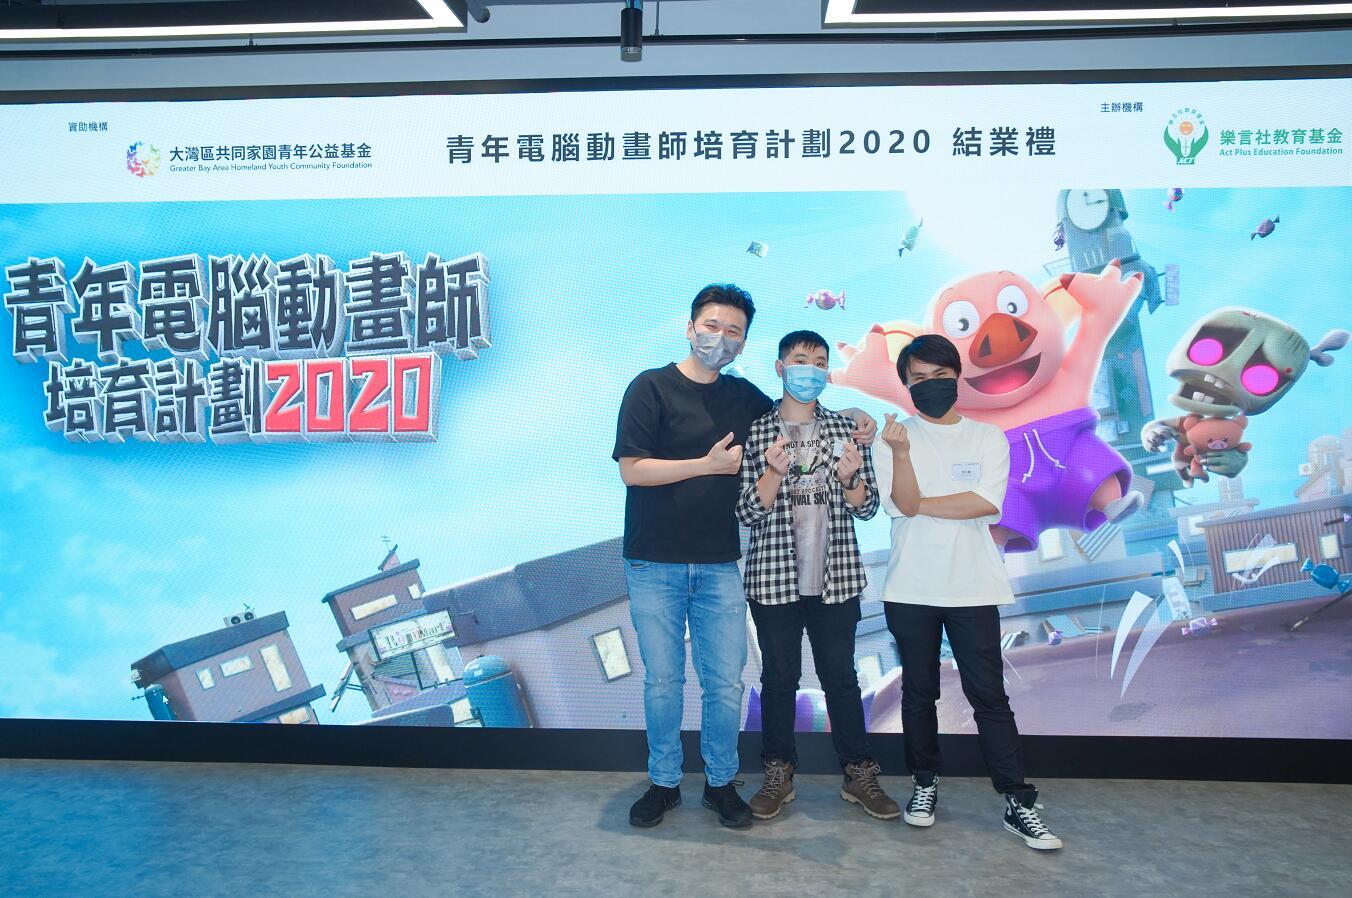 樂言社「青年電腦動畫師培育計劃」舉行結業禮